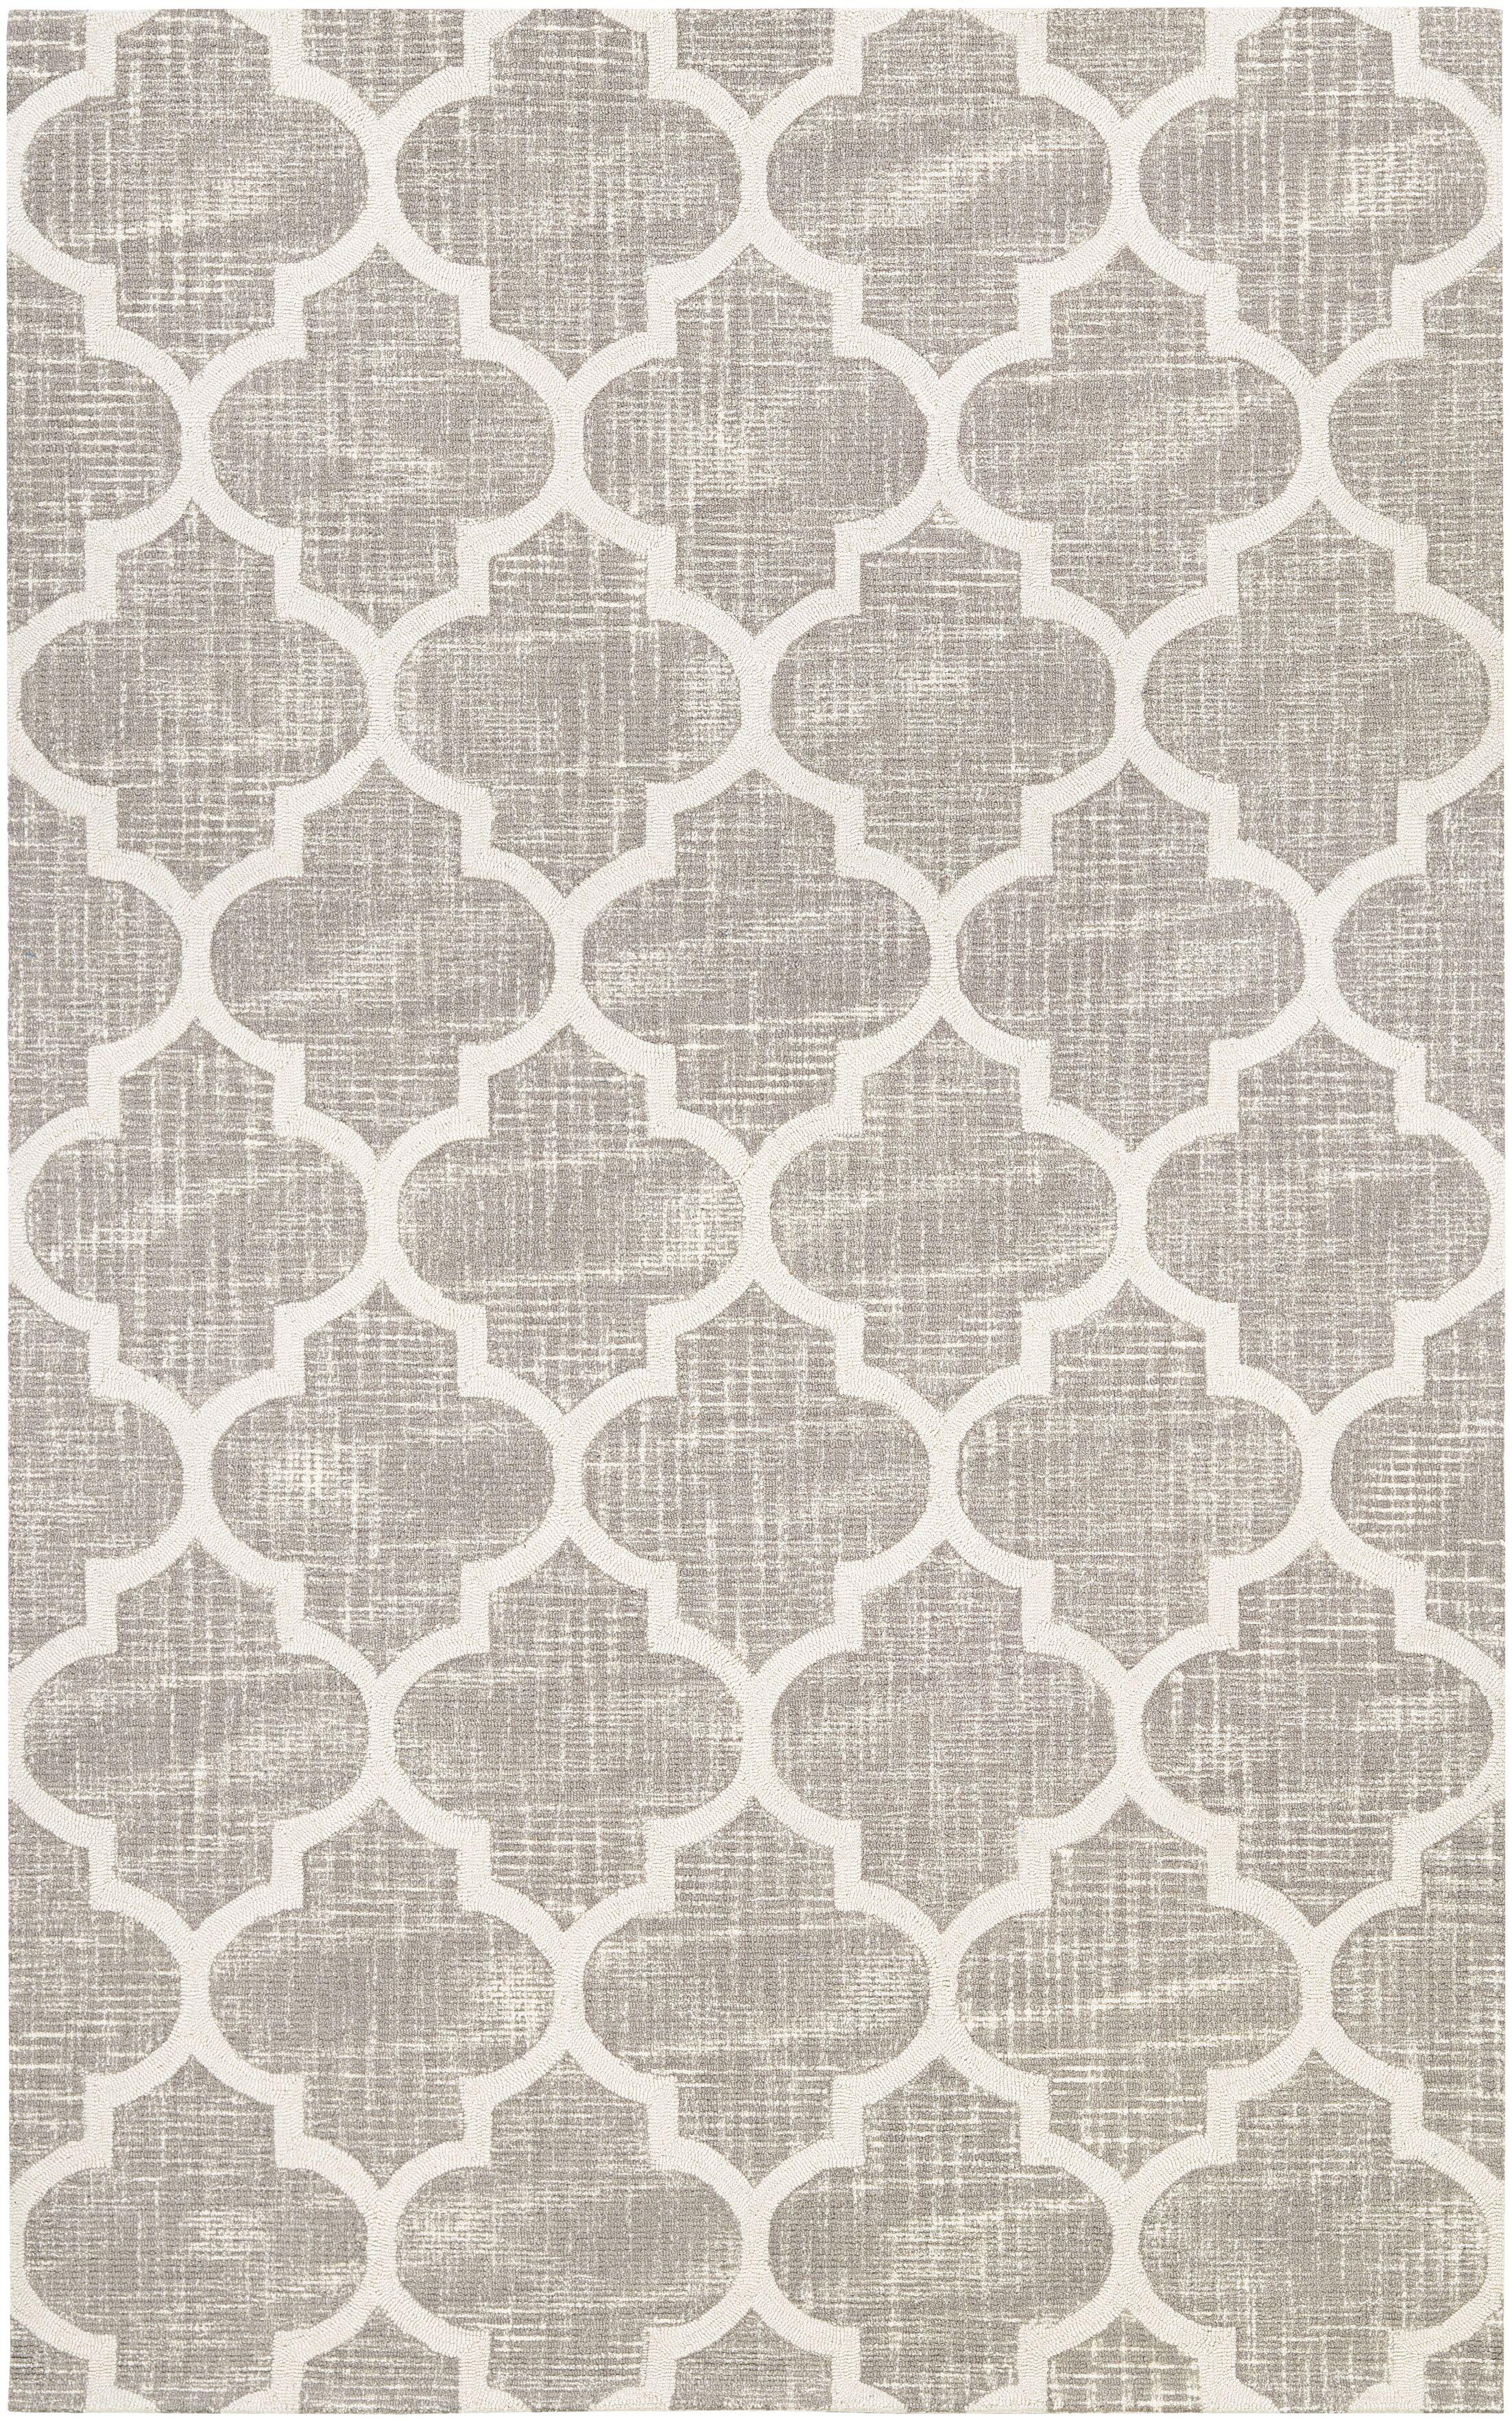 Lissette Hand-Woven Gray/Ivory Area Rug Rug Size: Runner 2'3